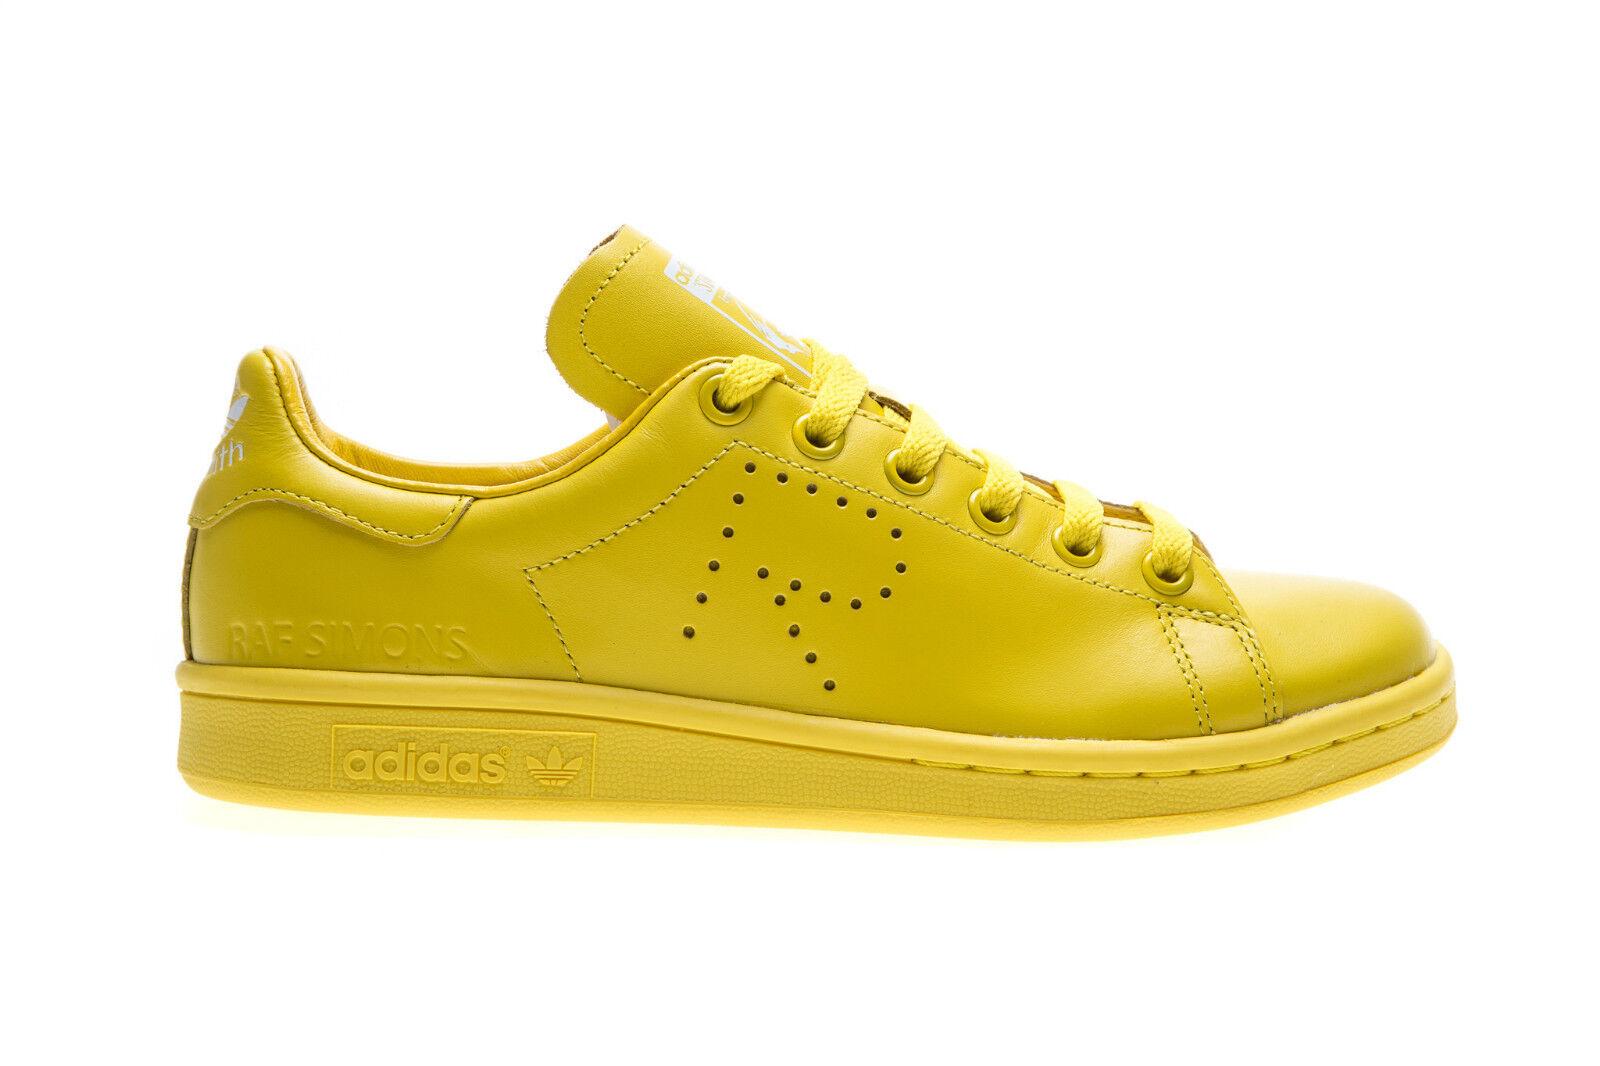 Adidas Stan Smith x Raf Simons Yellow AW2015